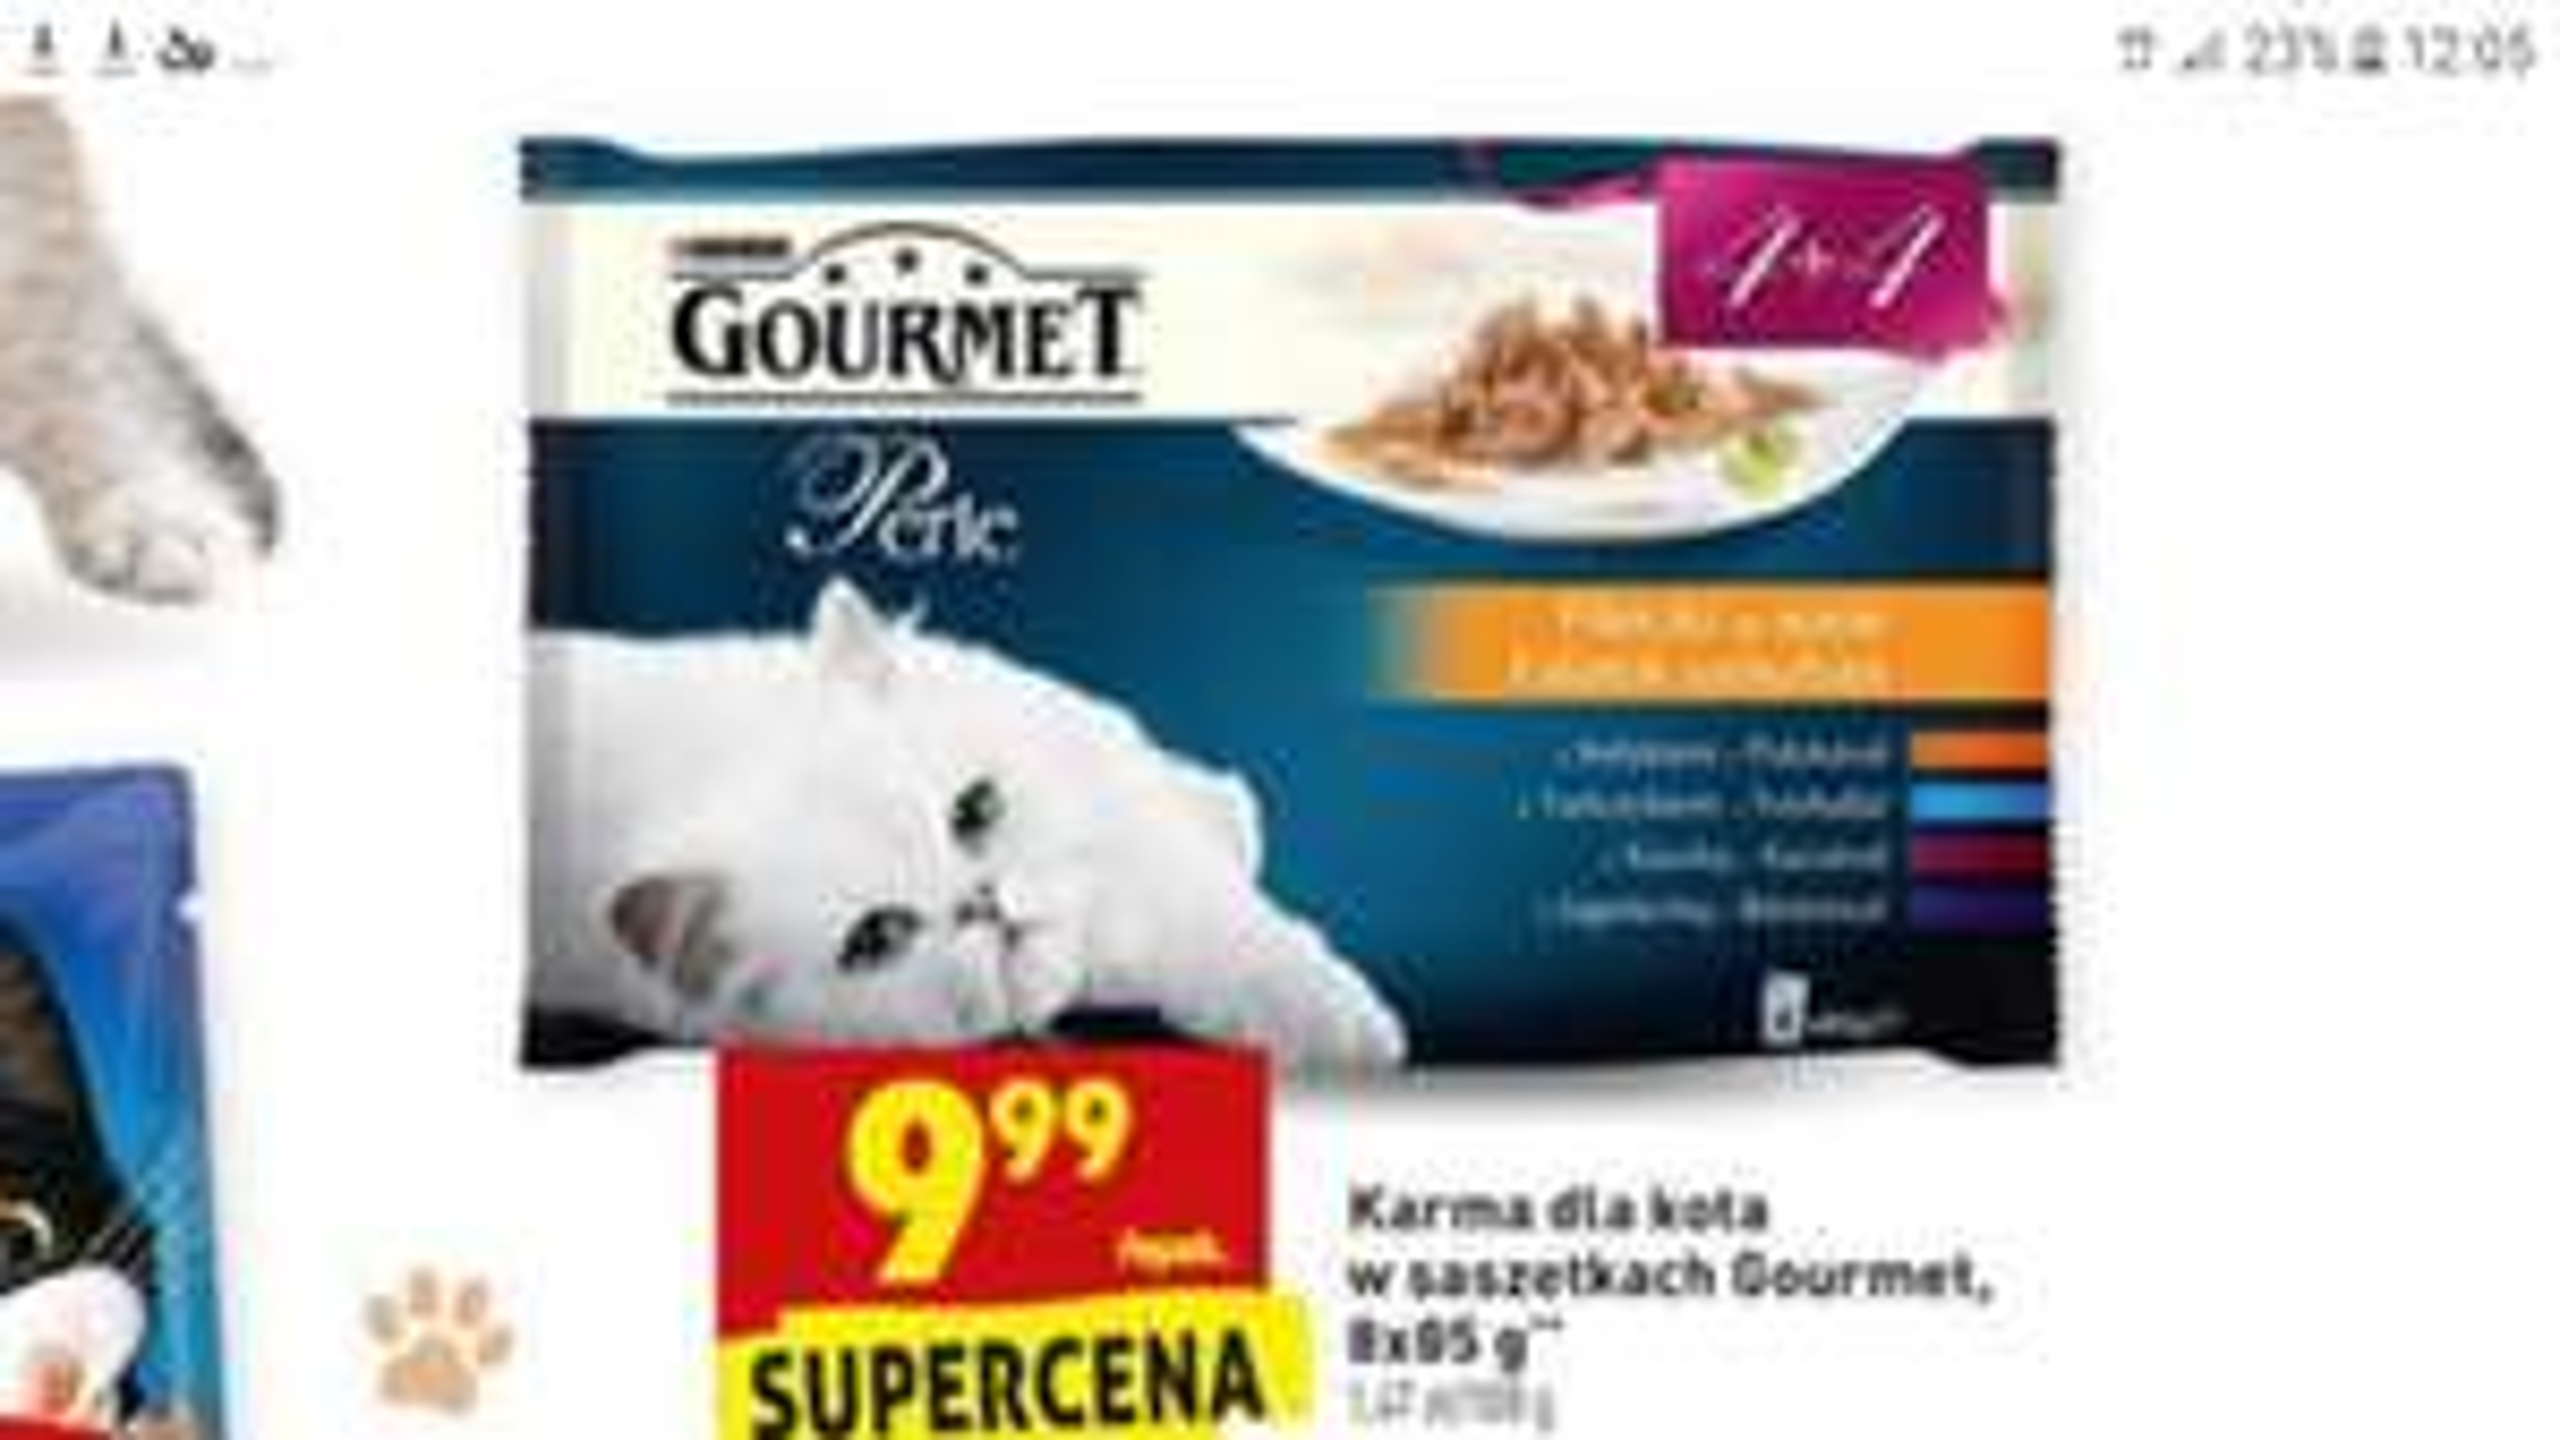 Karma Gourmet 8X85g Biedronka